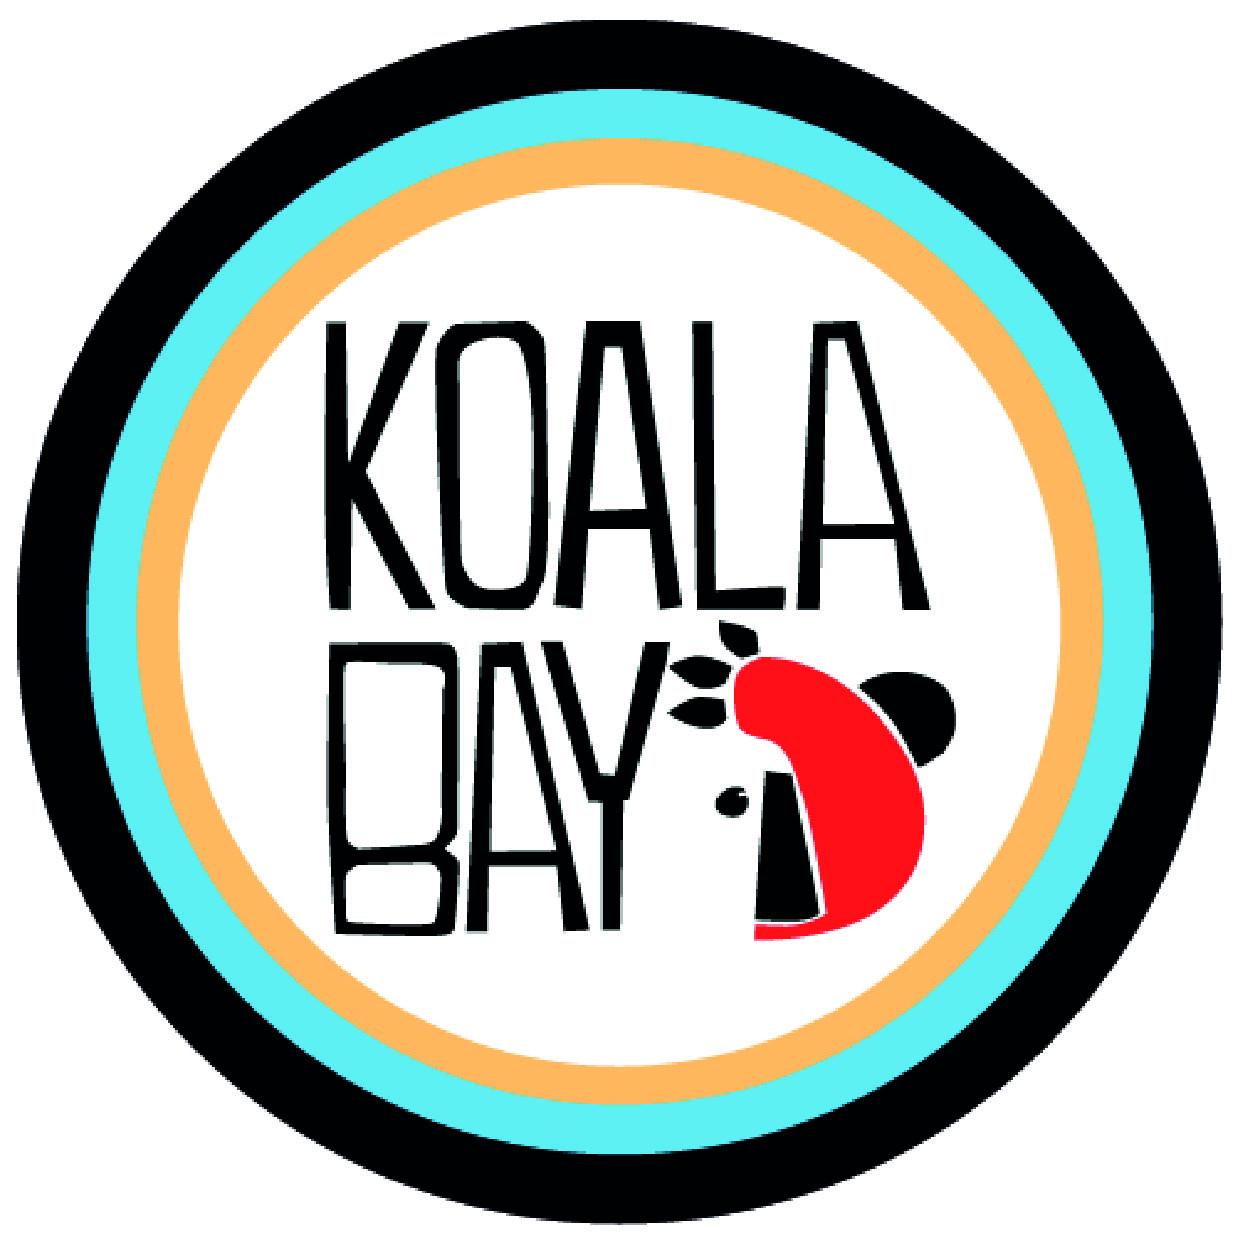 Koala Bay